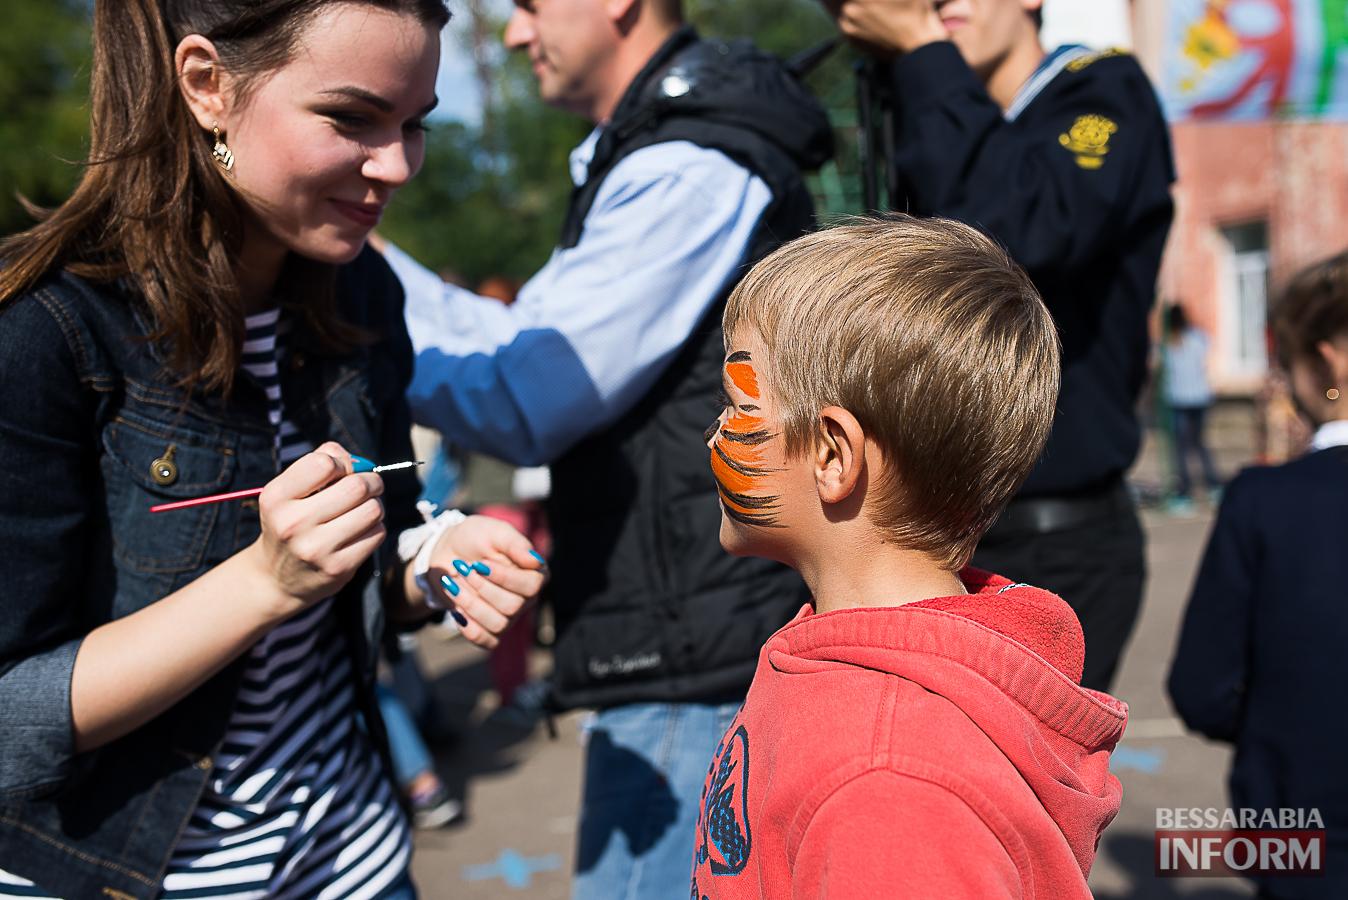 SME_0064 Измаил: в ОШ №16 прошла благотворительная сладкая ярмарка (фото)